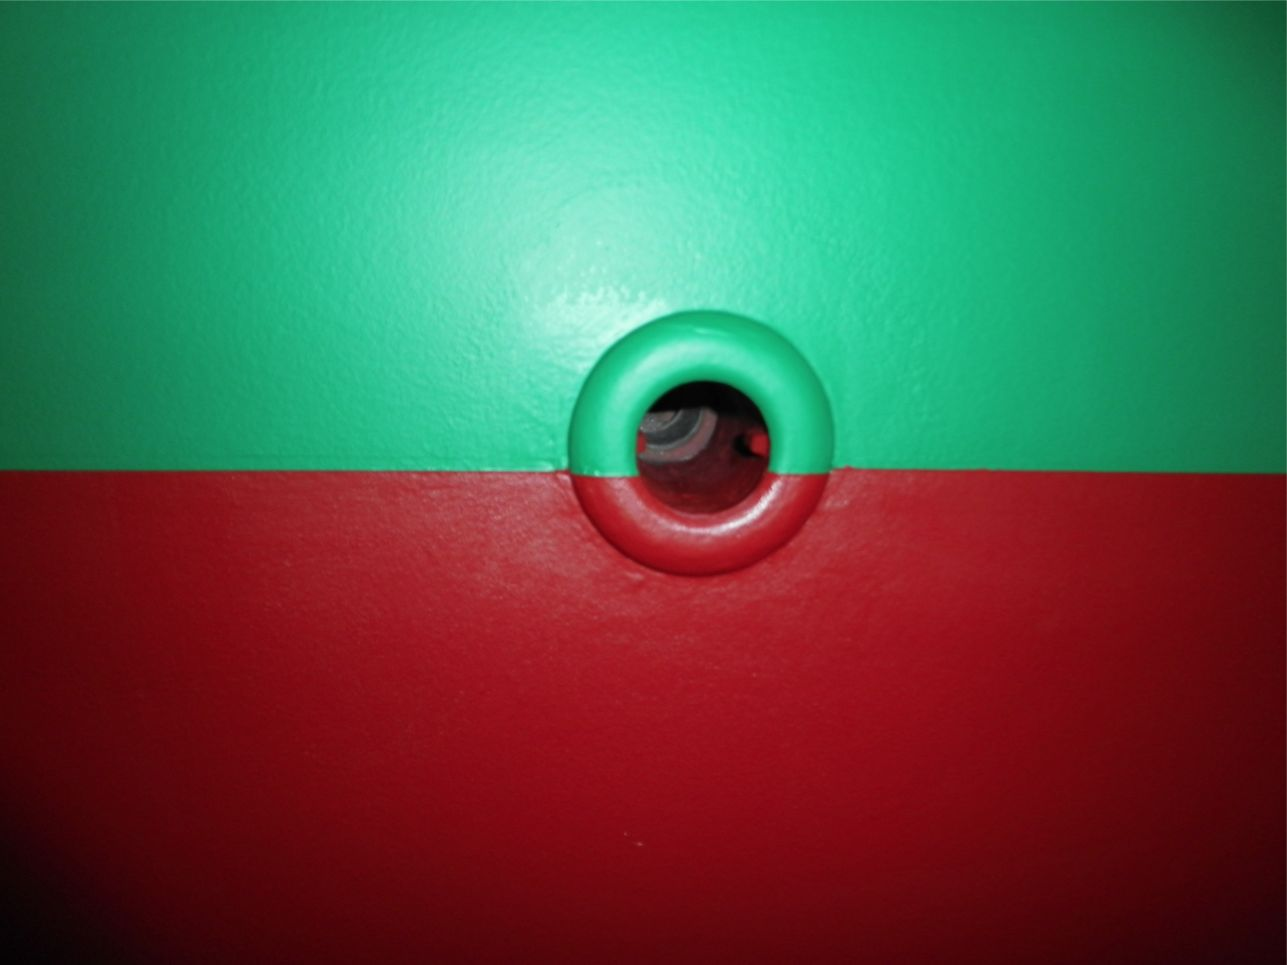 船底整備のすべて⑬ ハル 船底塗料033赤 塗装後_a0051924_22405270.jpg